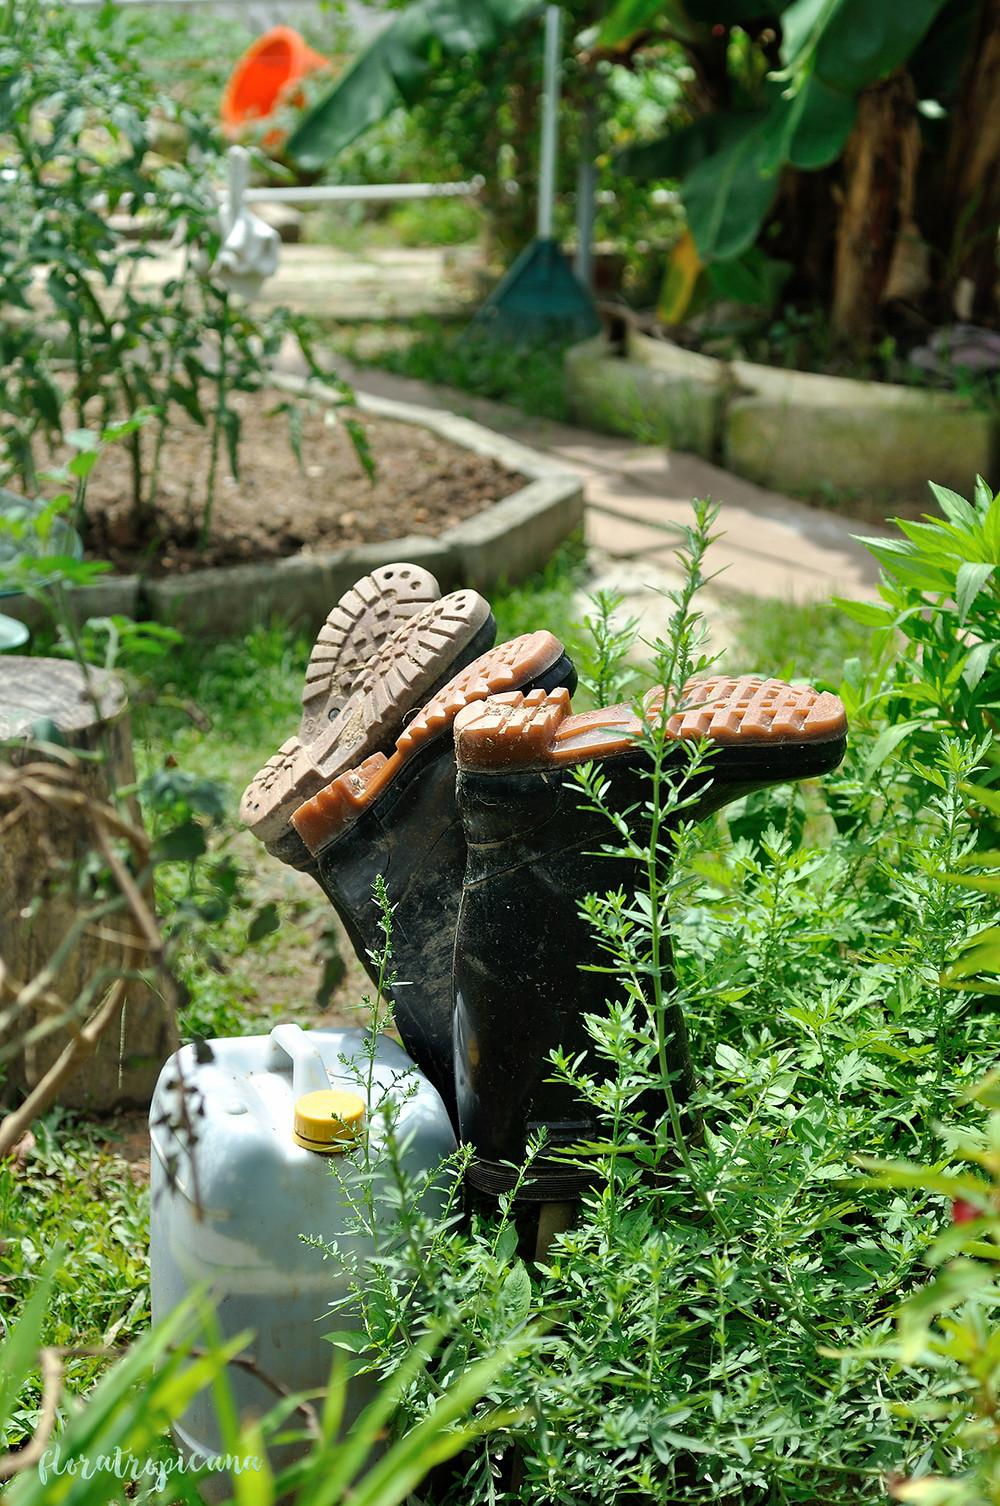 Ogródek warzywny, Singapur